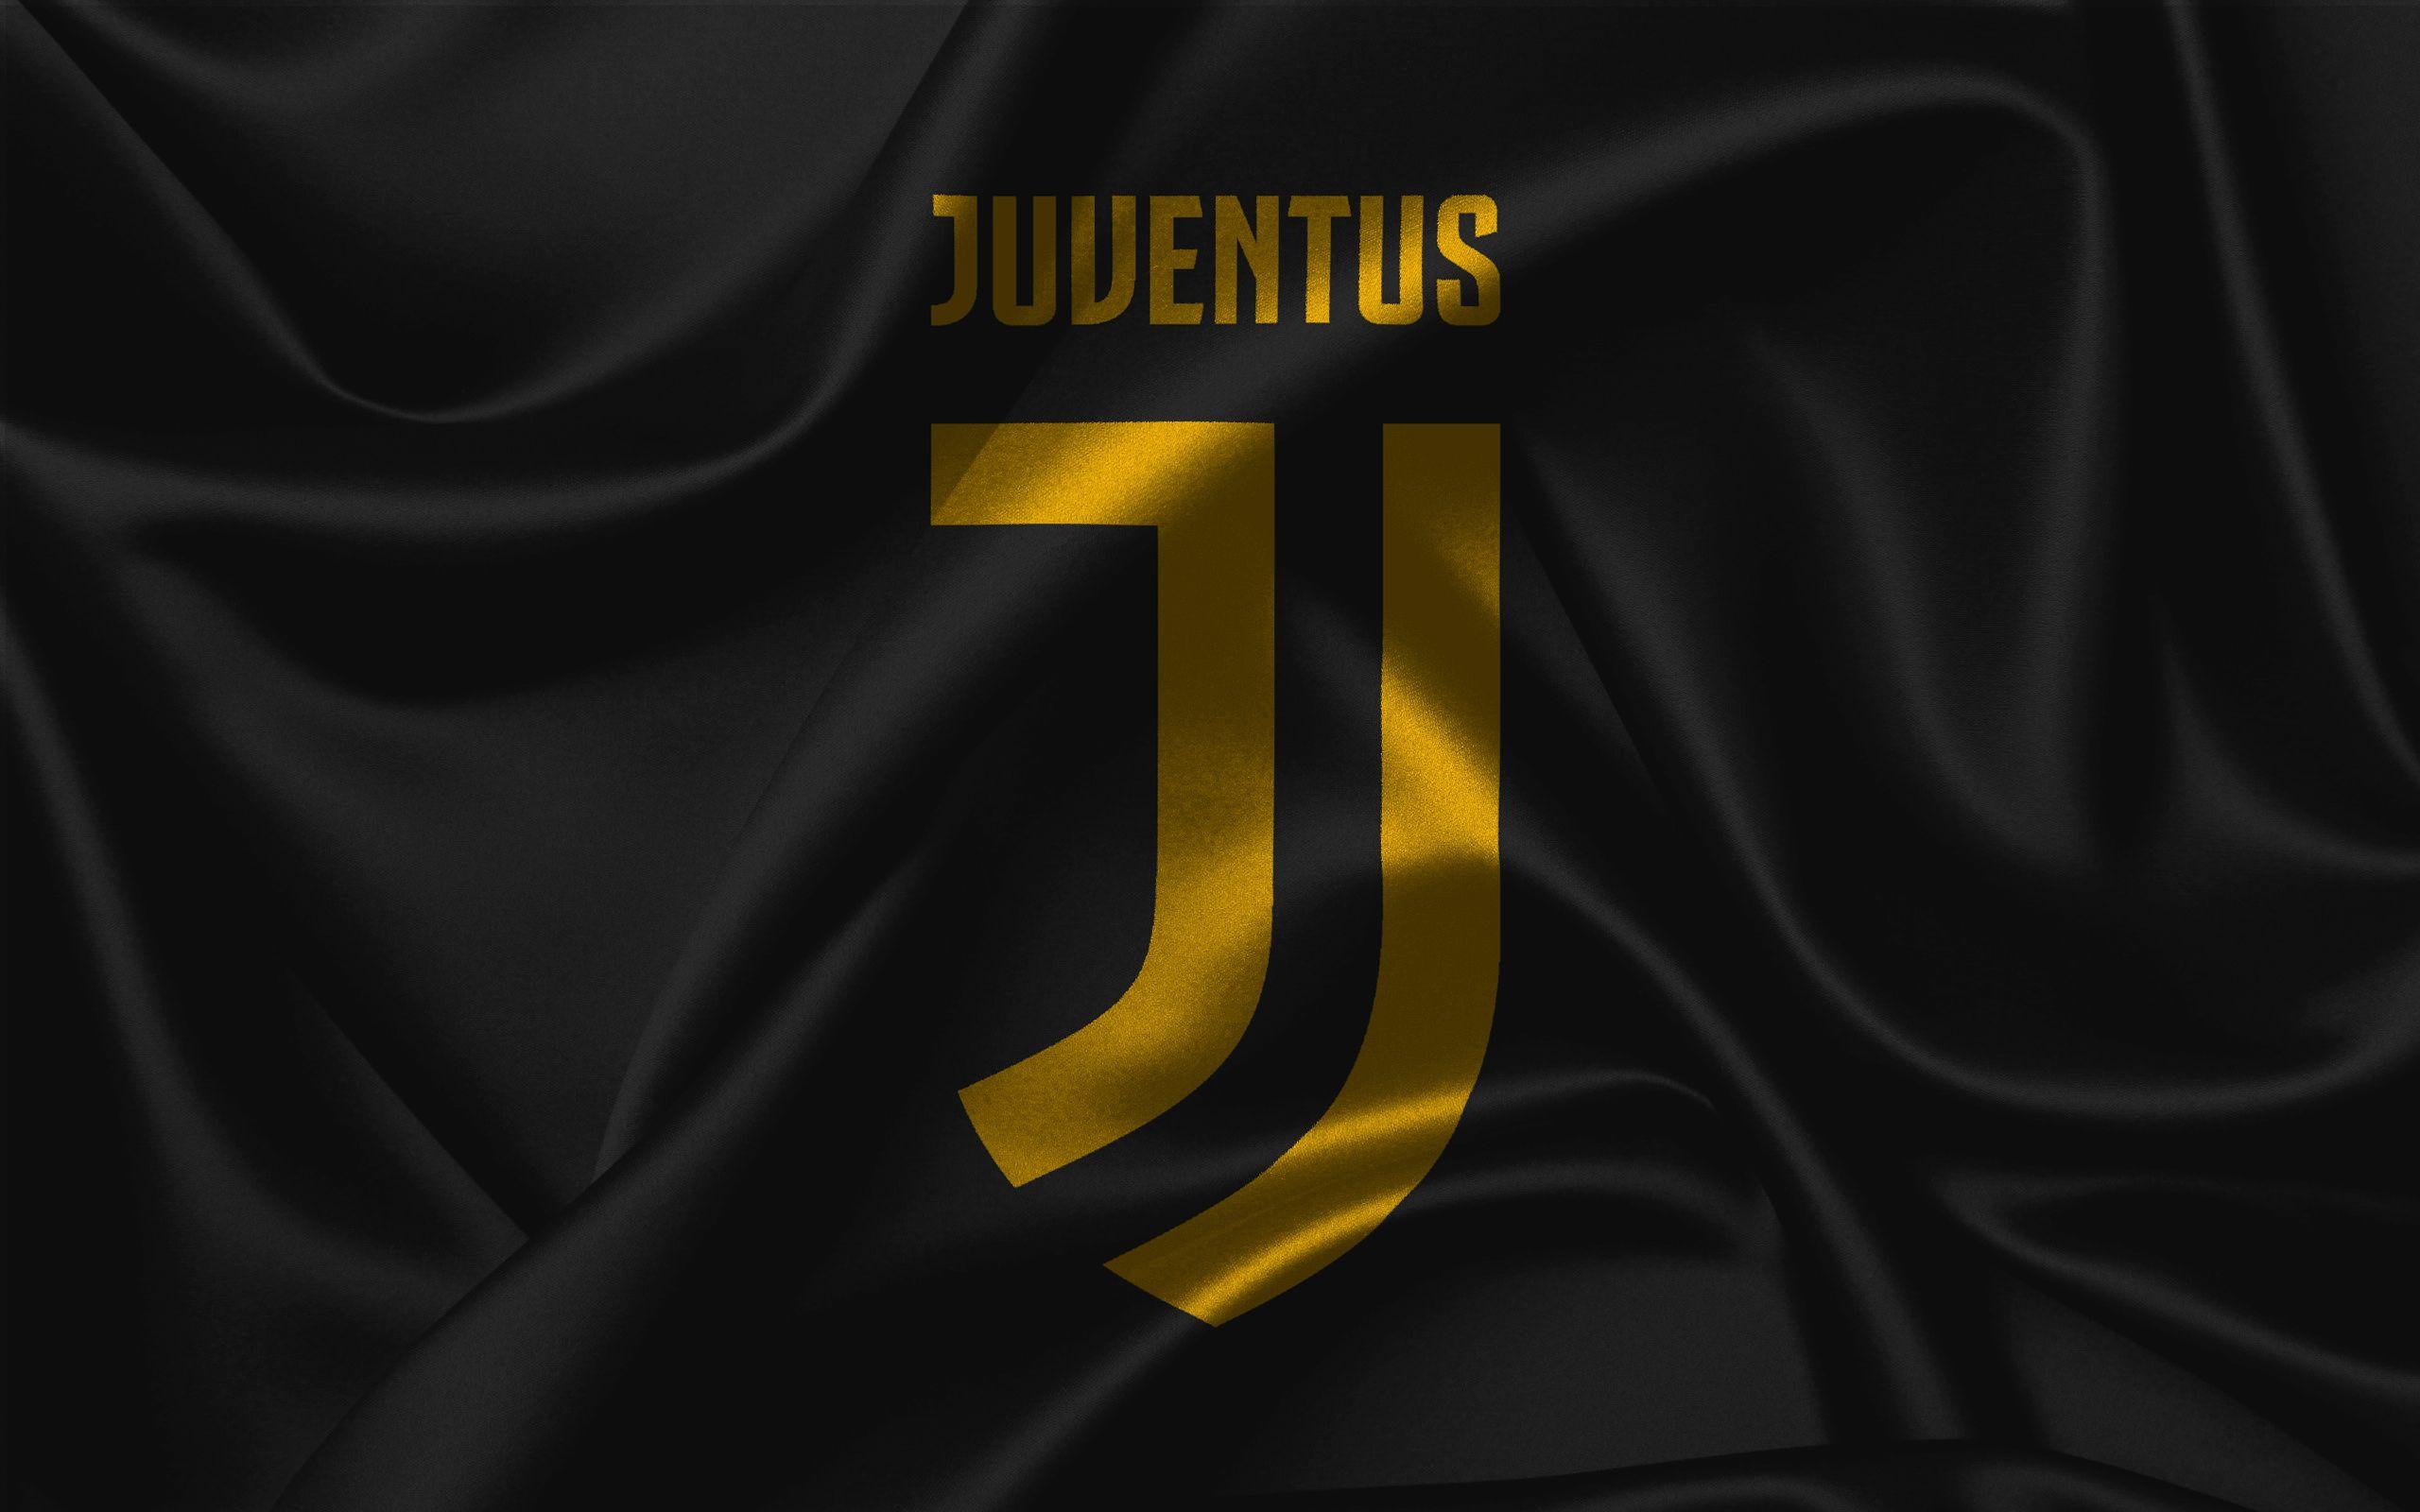 Pin on Logo Wallpaper Juventus